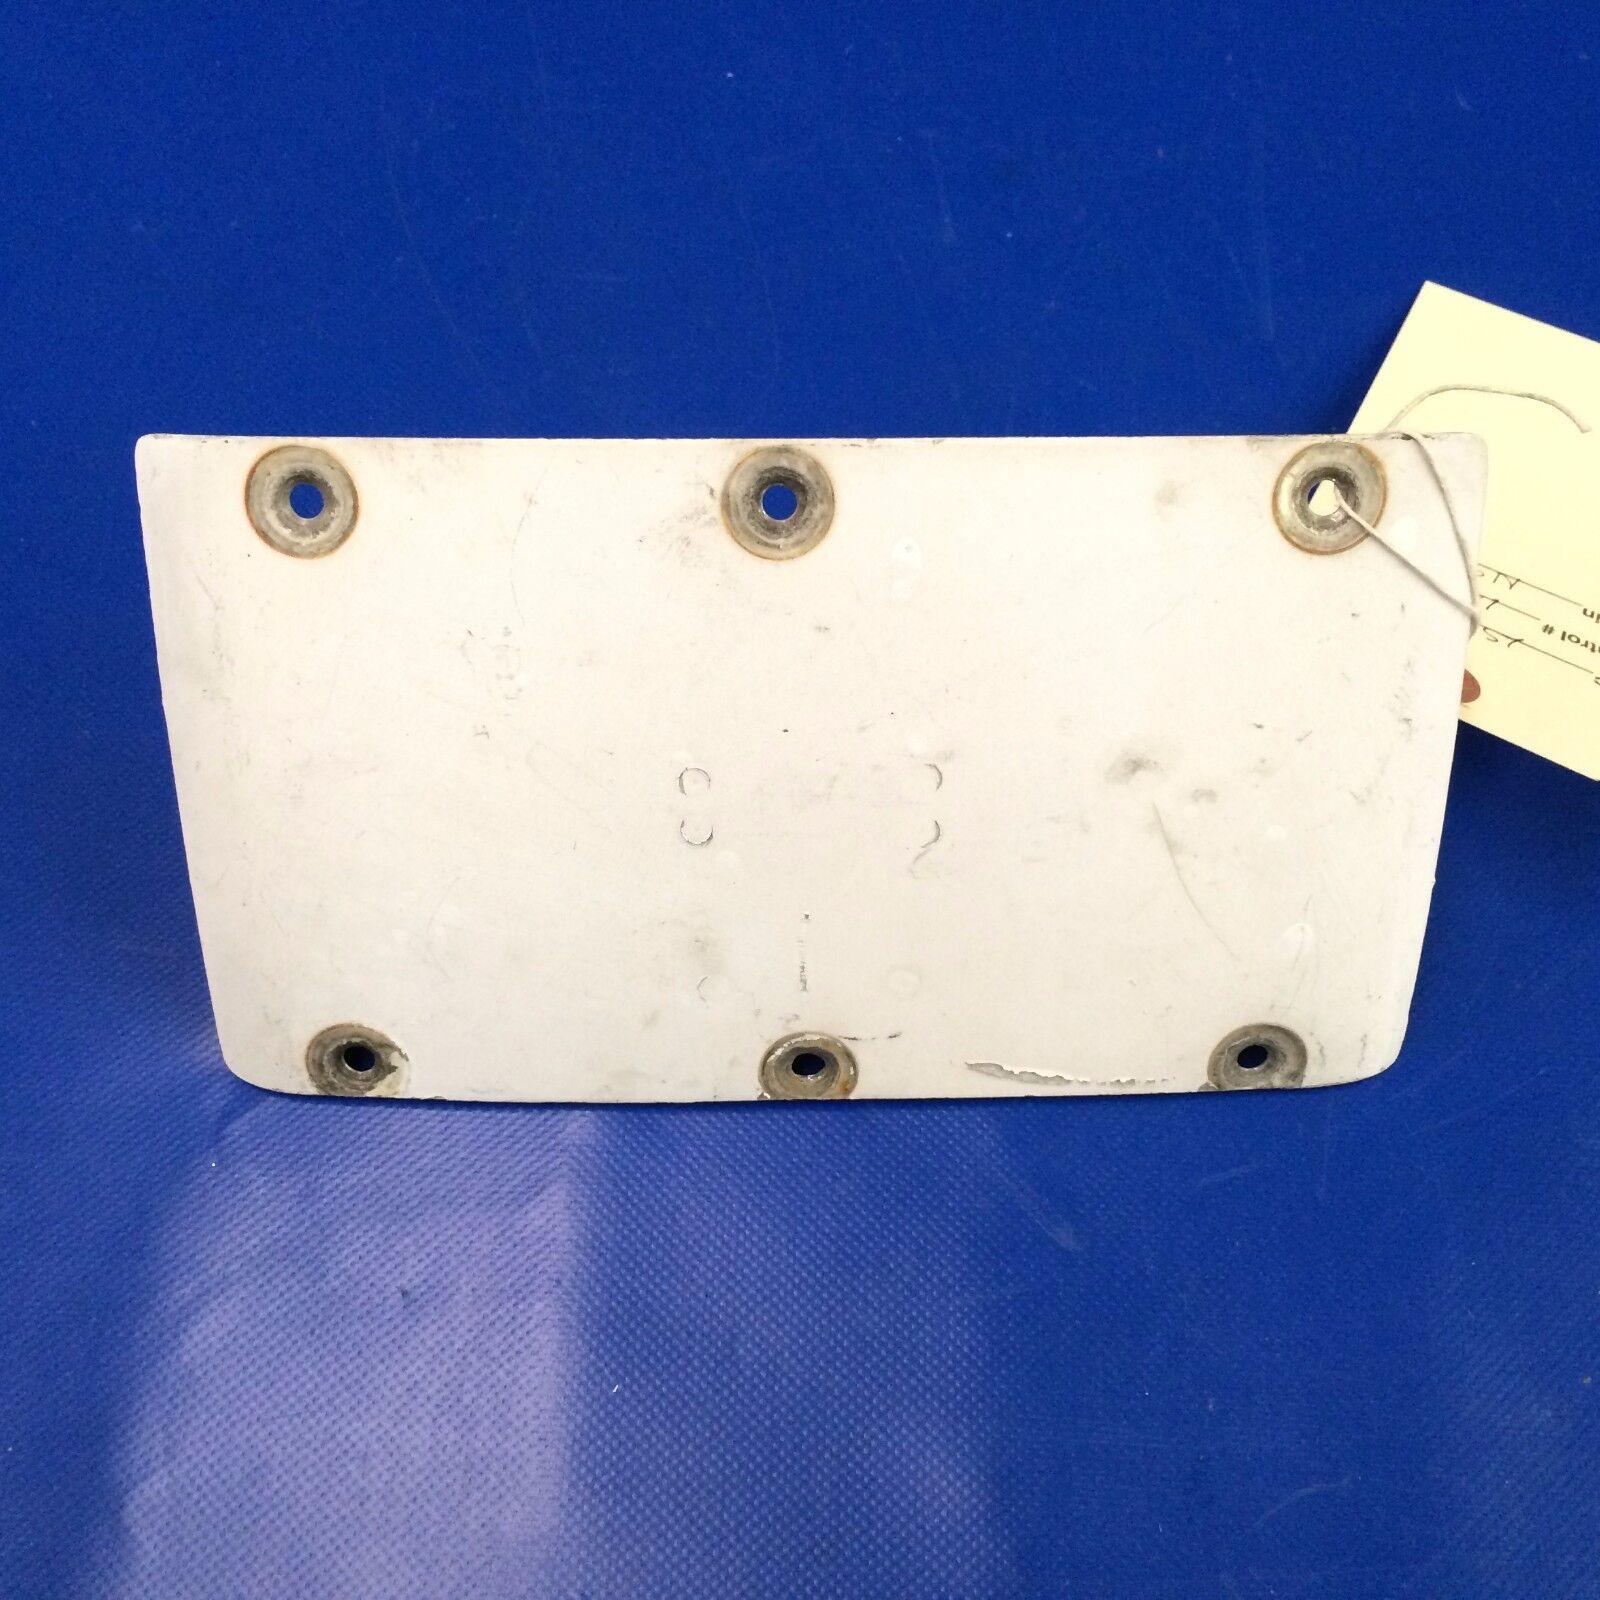 Beech Door Baron 58 Induktion Airbox Filter Door Beech P/n 96-919101-41 (1216-19) 119039